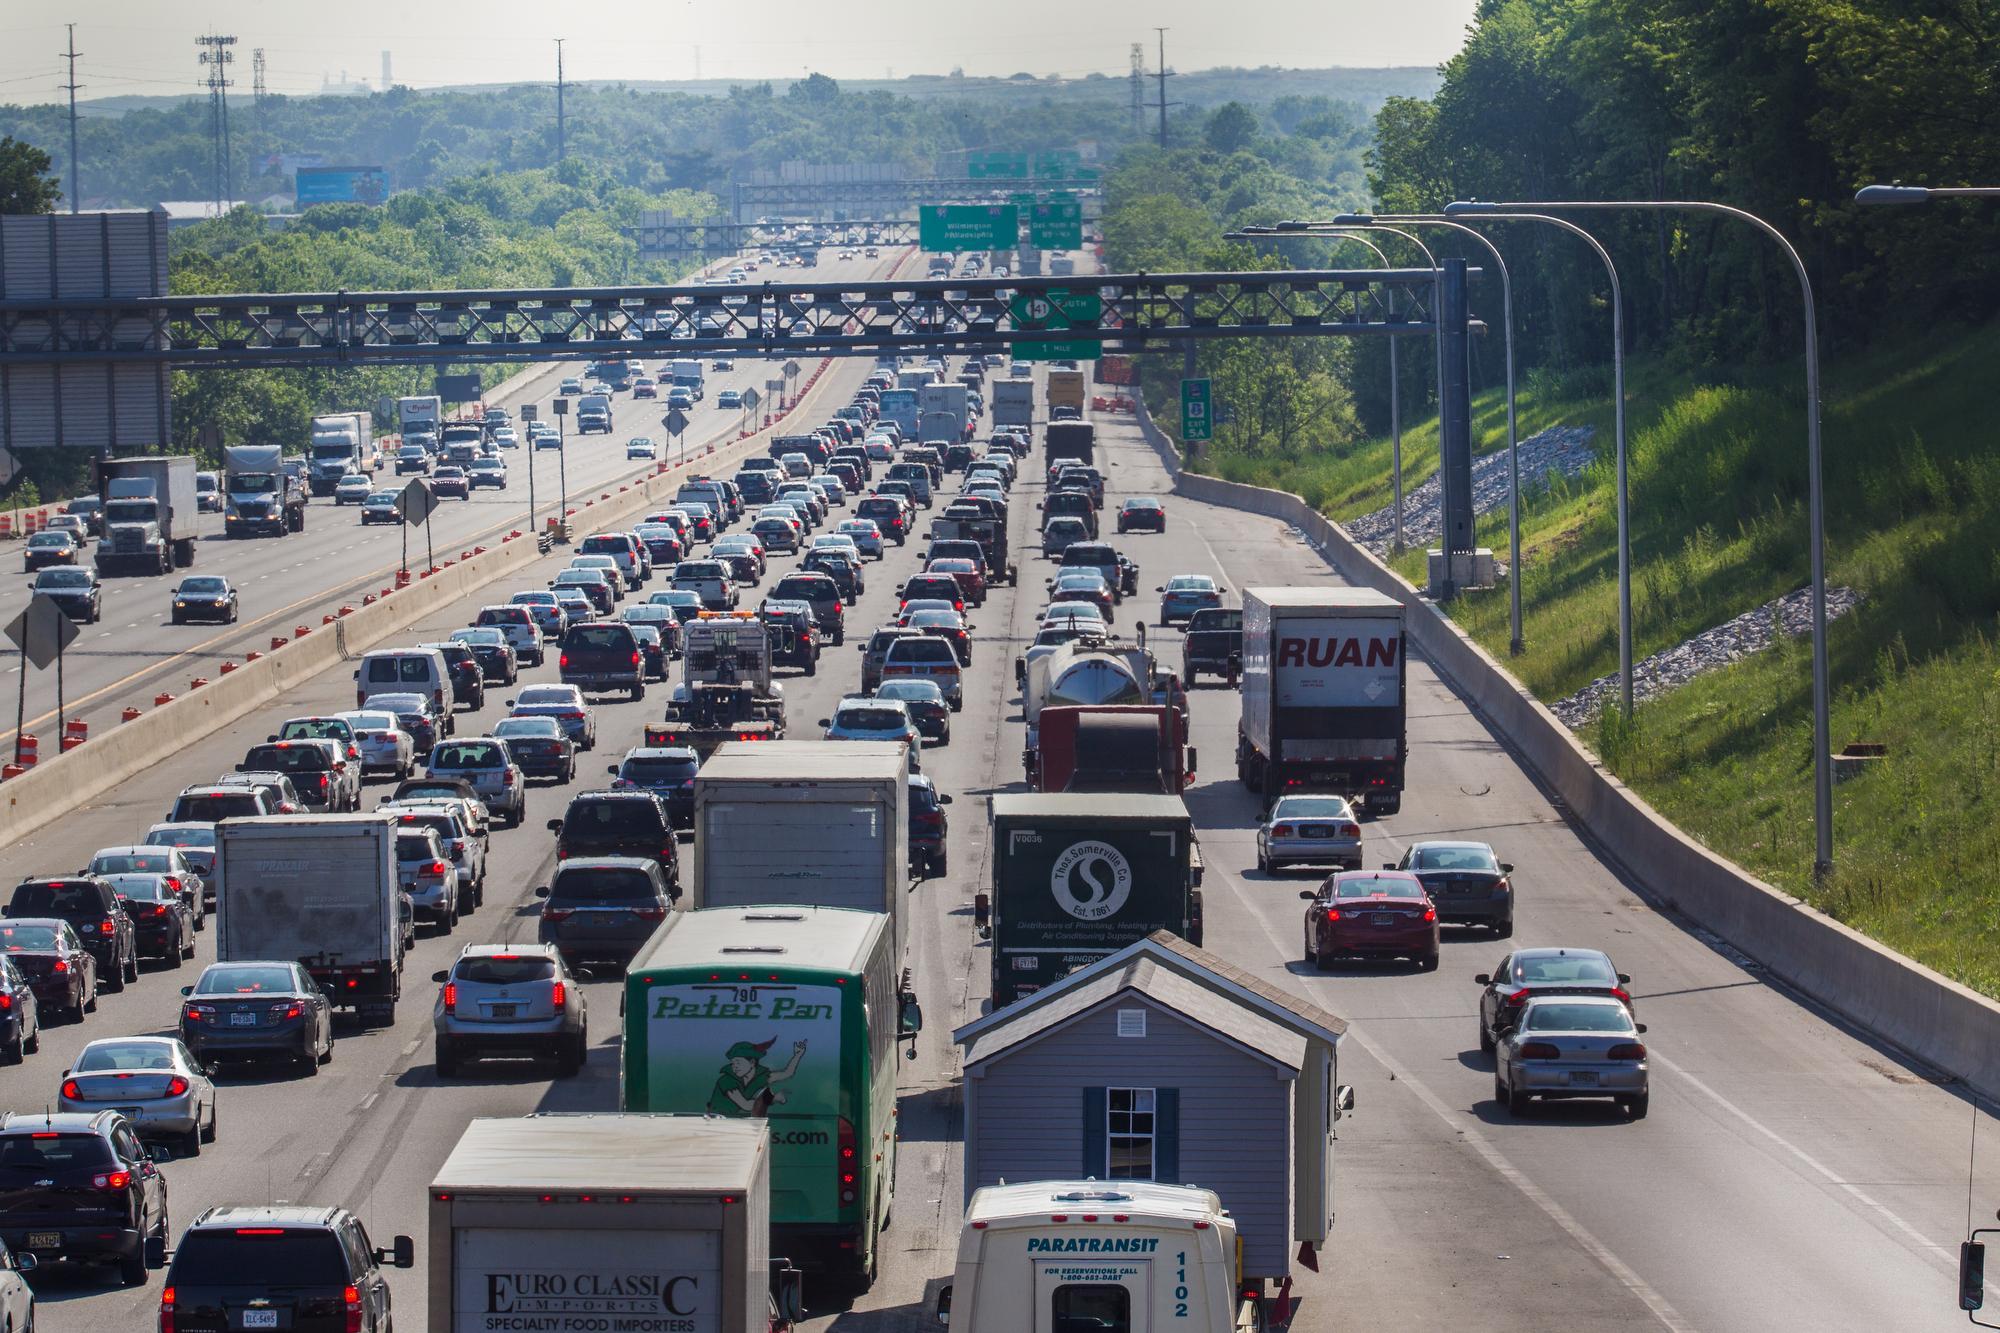 I-95 DESIGN SUPPORT